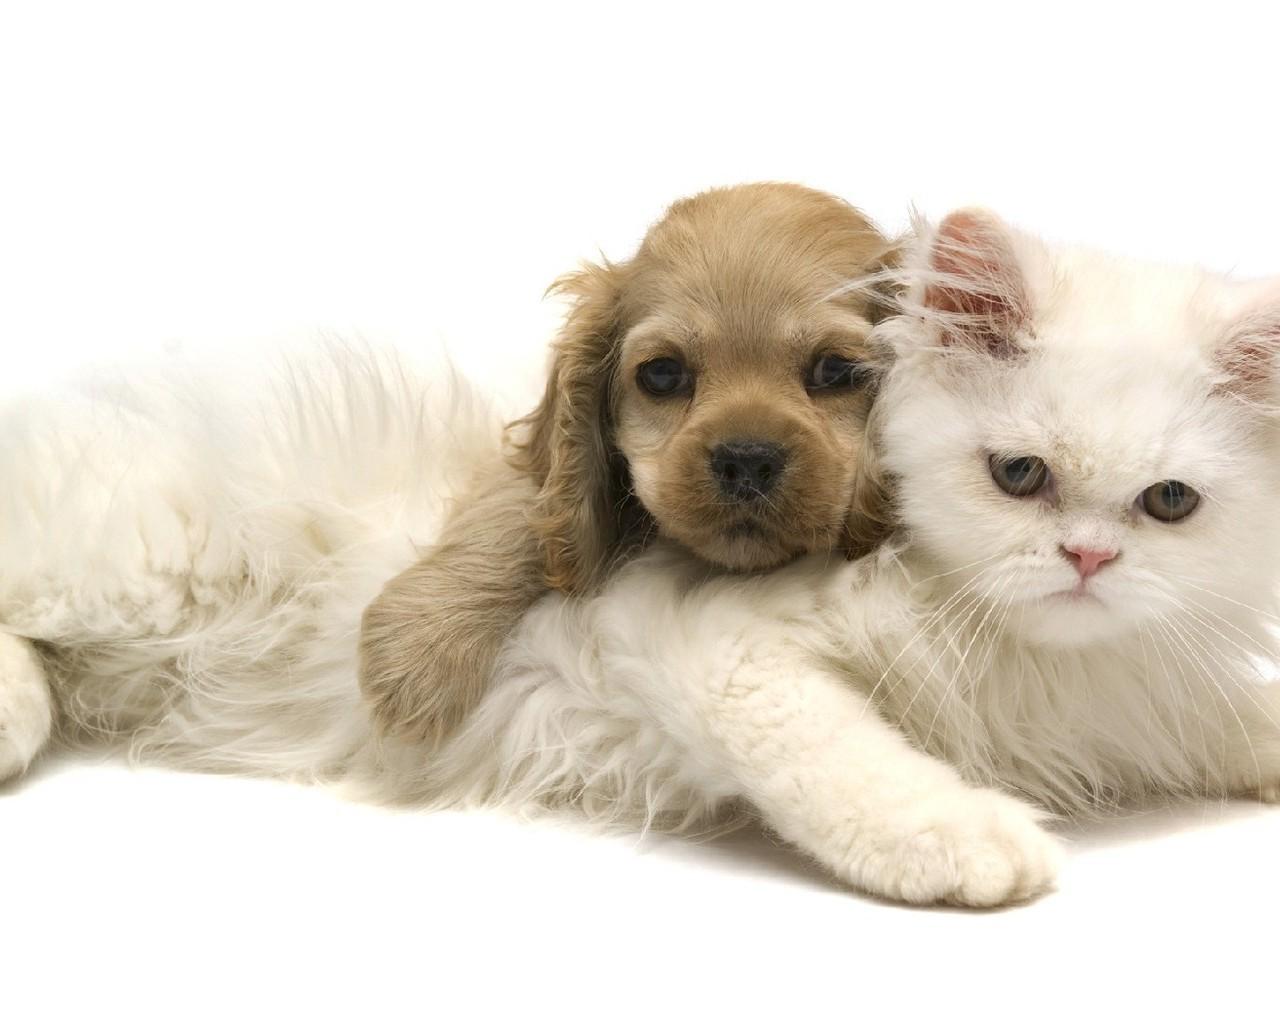 Вони теж хочуть їсти: ветеринари закликають не закривати зоомагазини і ветаптек в Україні - Тварини, коронавірус, карантин - 19 veterynar3 1